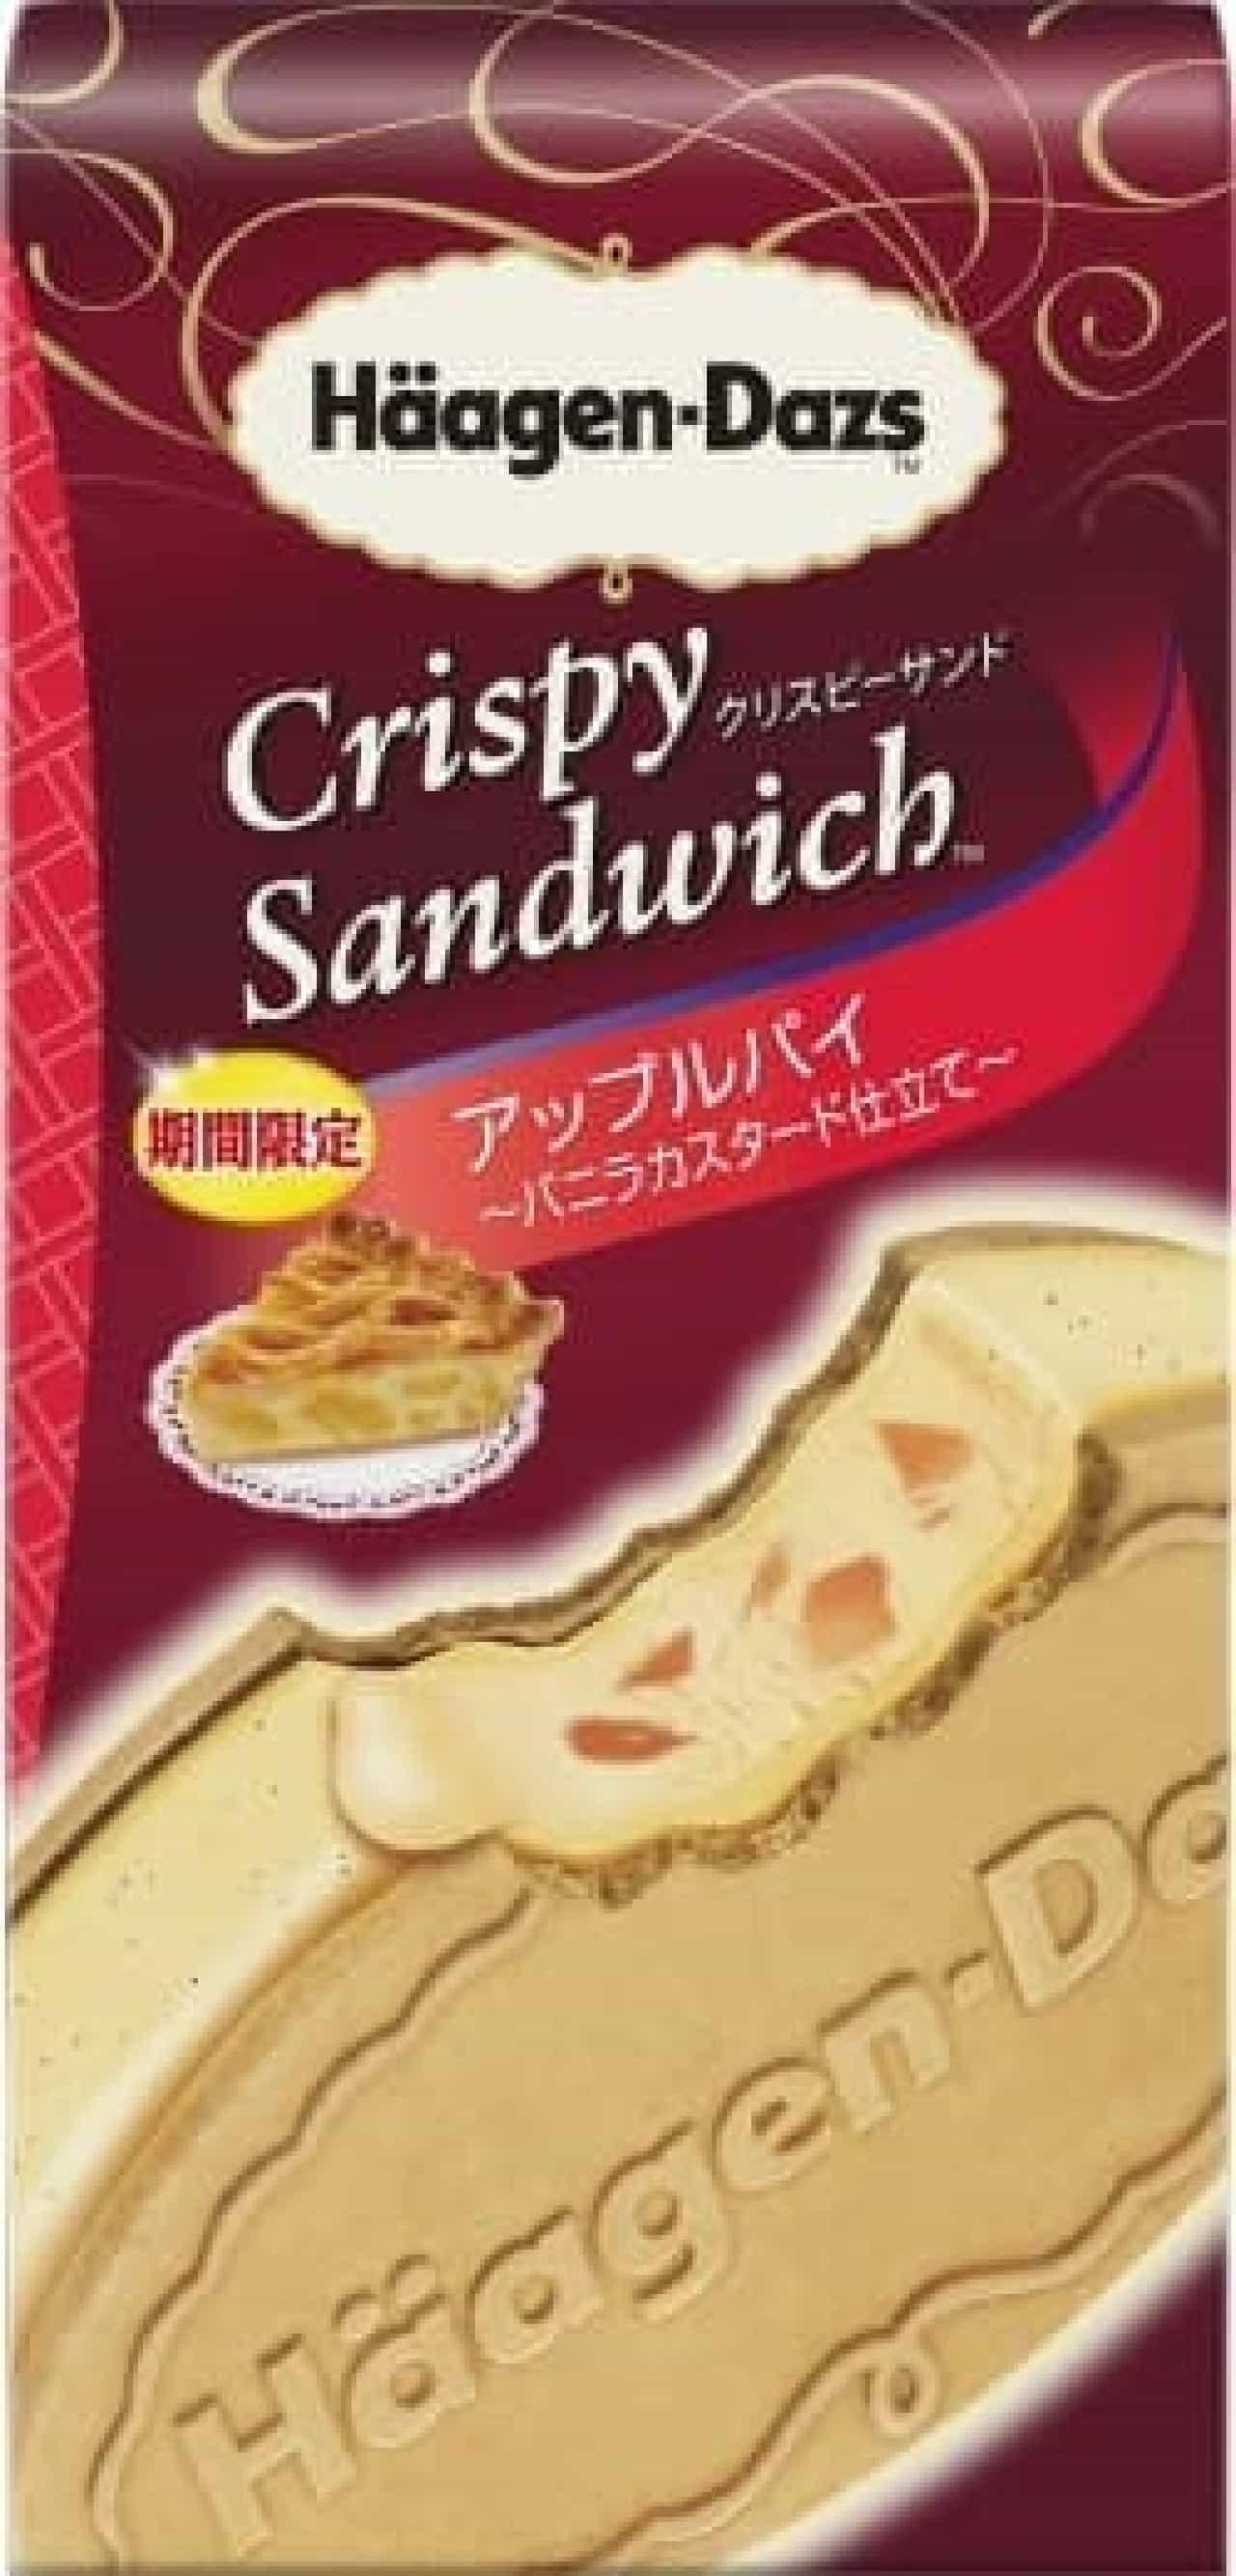 ハーゲンダッツ クリスピーサンドの新作「アップルパイ ~バニラカスタード仕立て~」